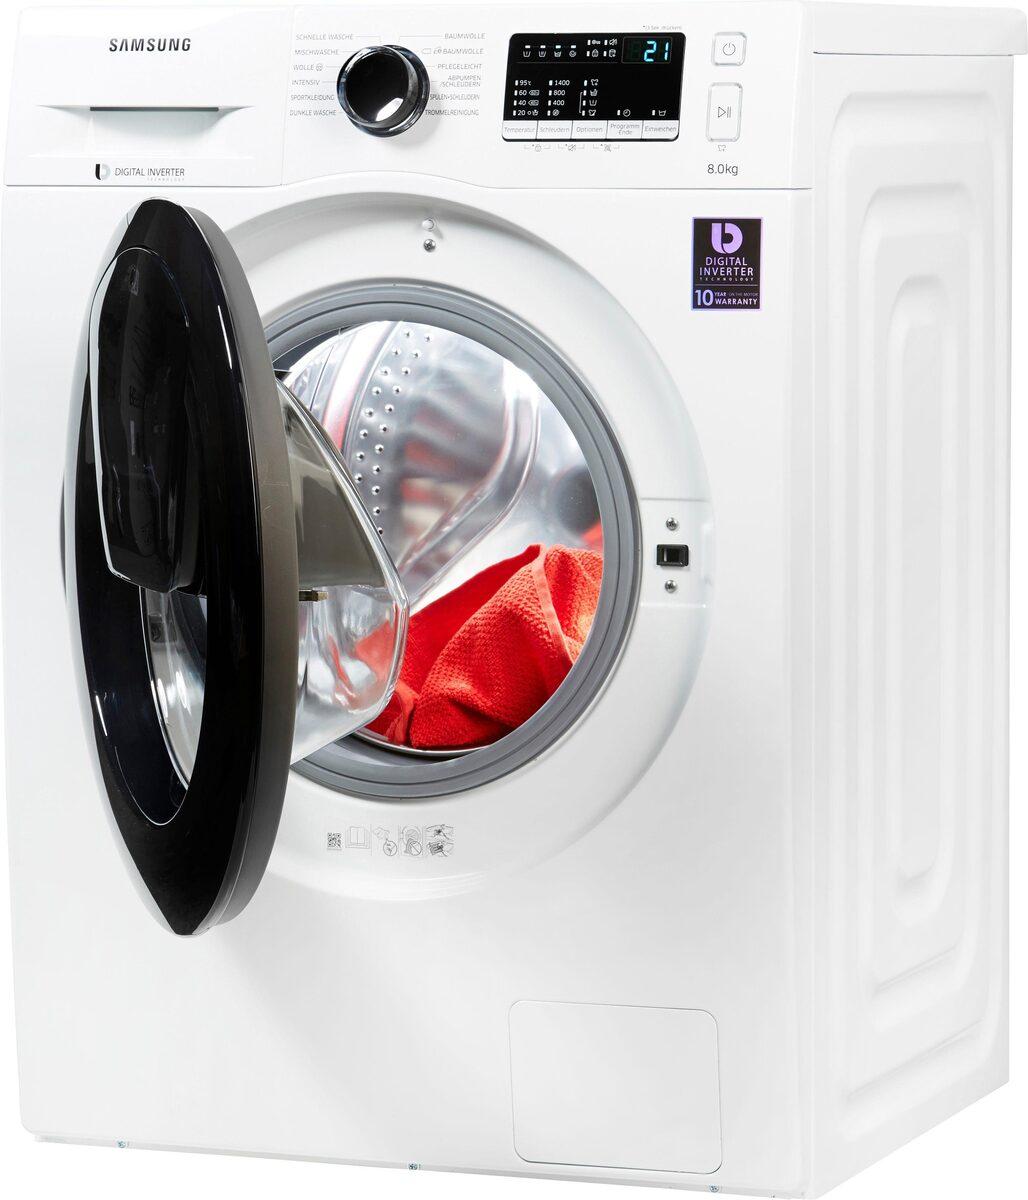 Bild 2 von Samsung Waschmaschine AddWash WW4500 WW8EK44205W, 8 kg, 1400 U/Min, AddWash